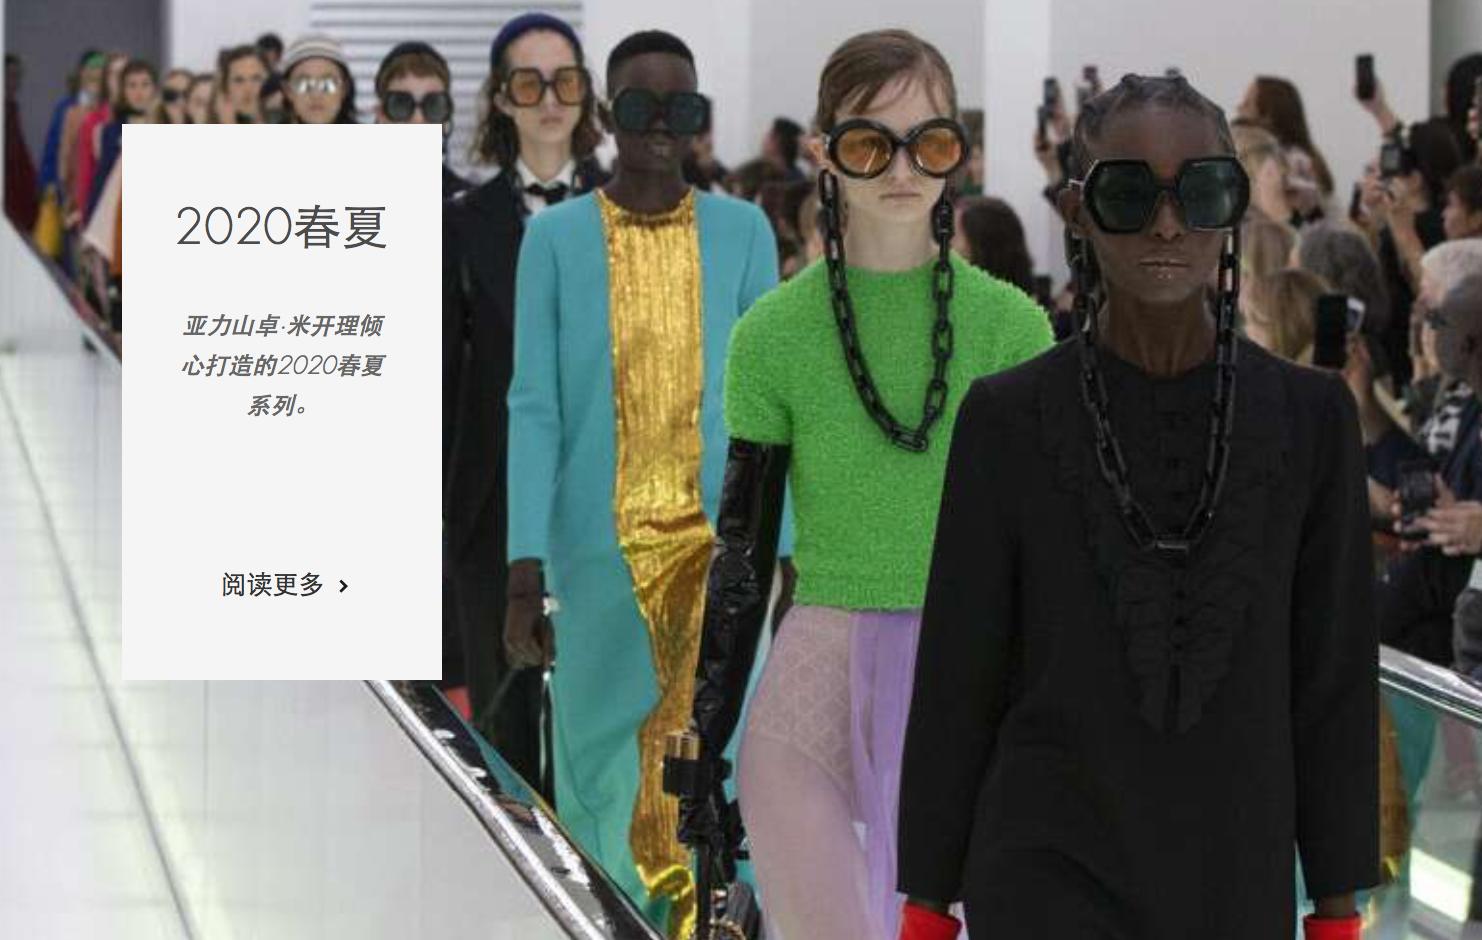 人事动向丨开云集团任命首席多元化、包容性及人才执行官;Gucci 全球传讯总监离职